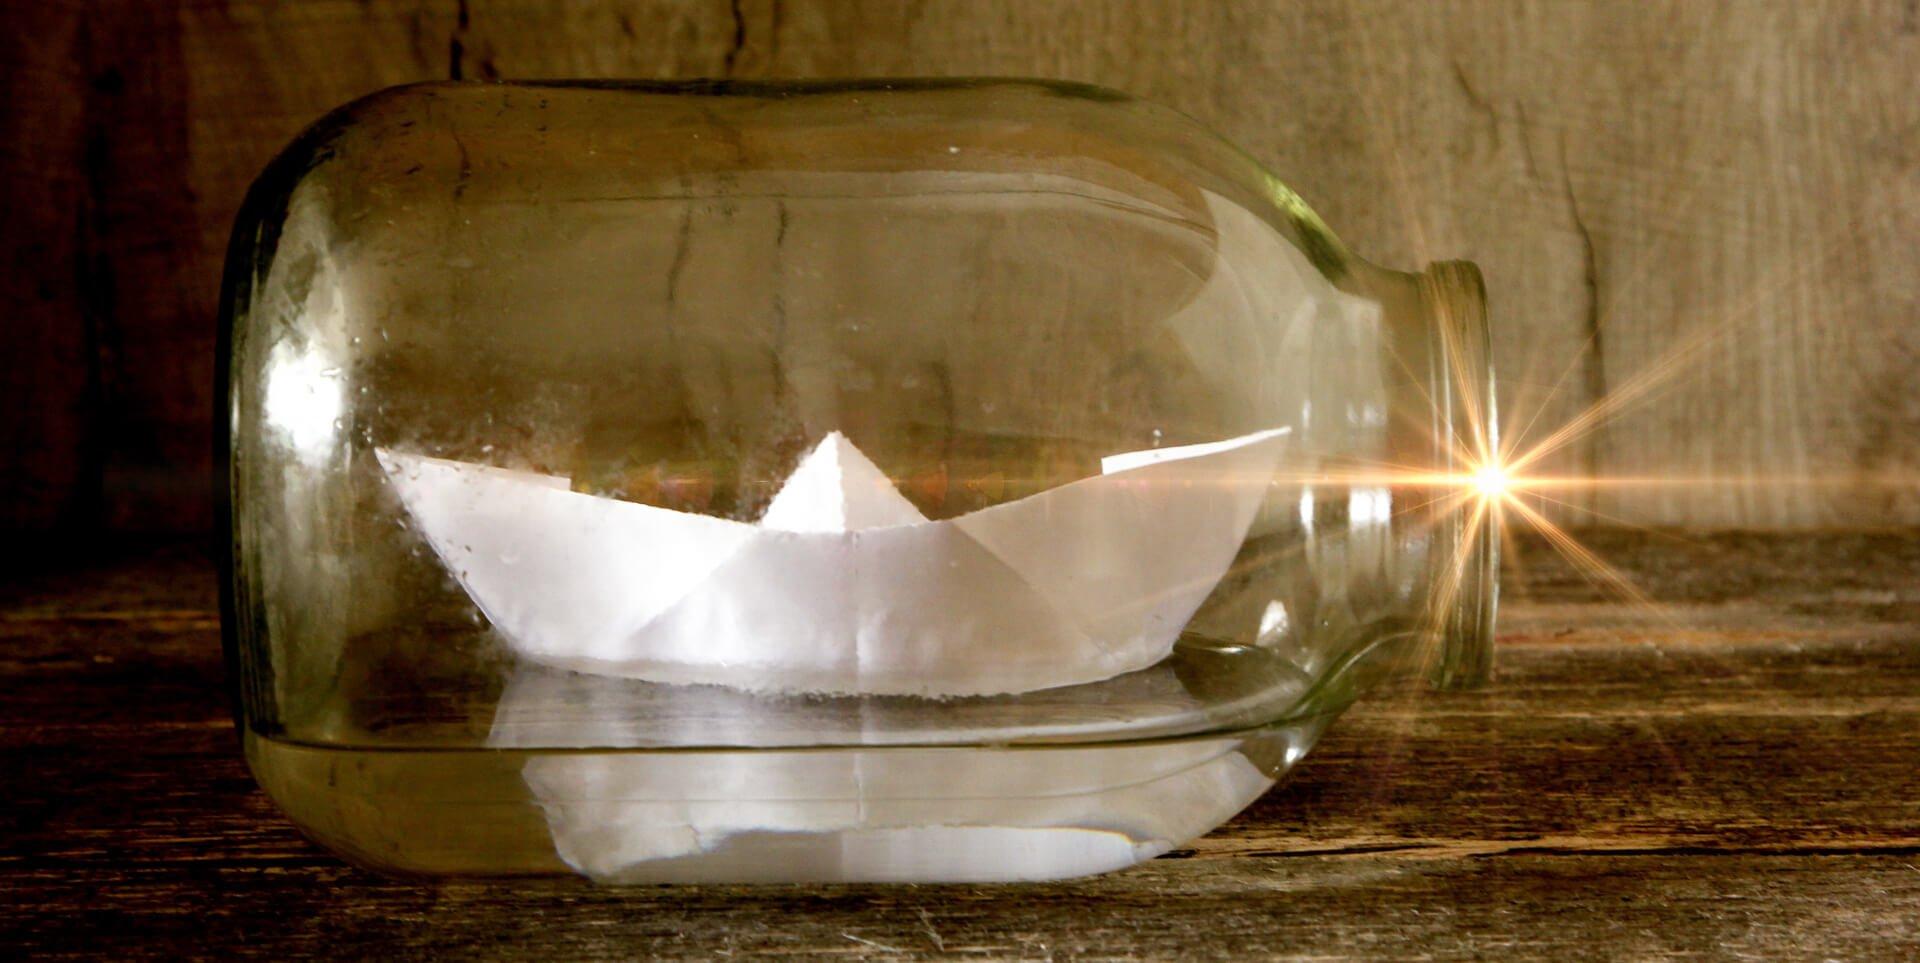 paper in a bottle